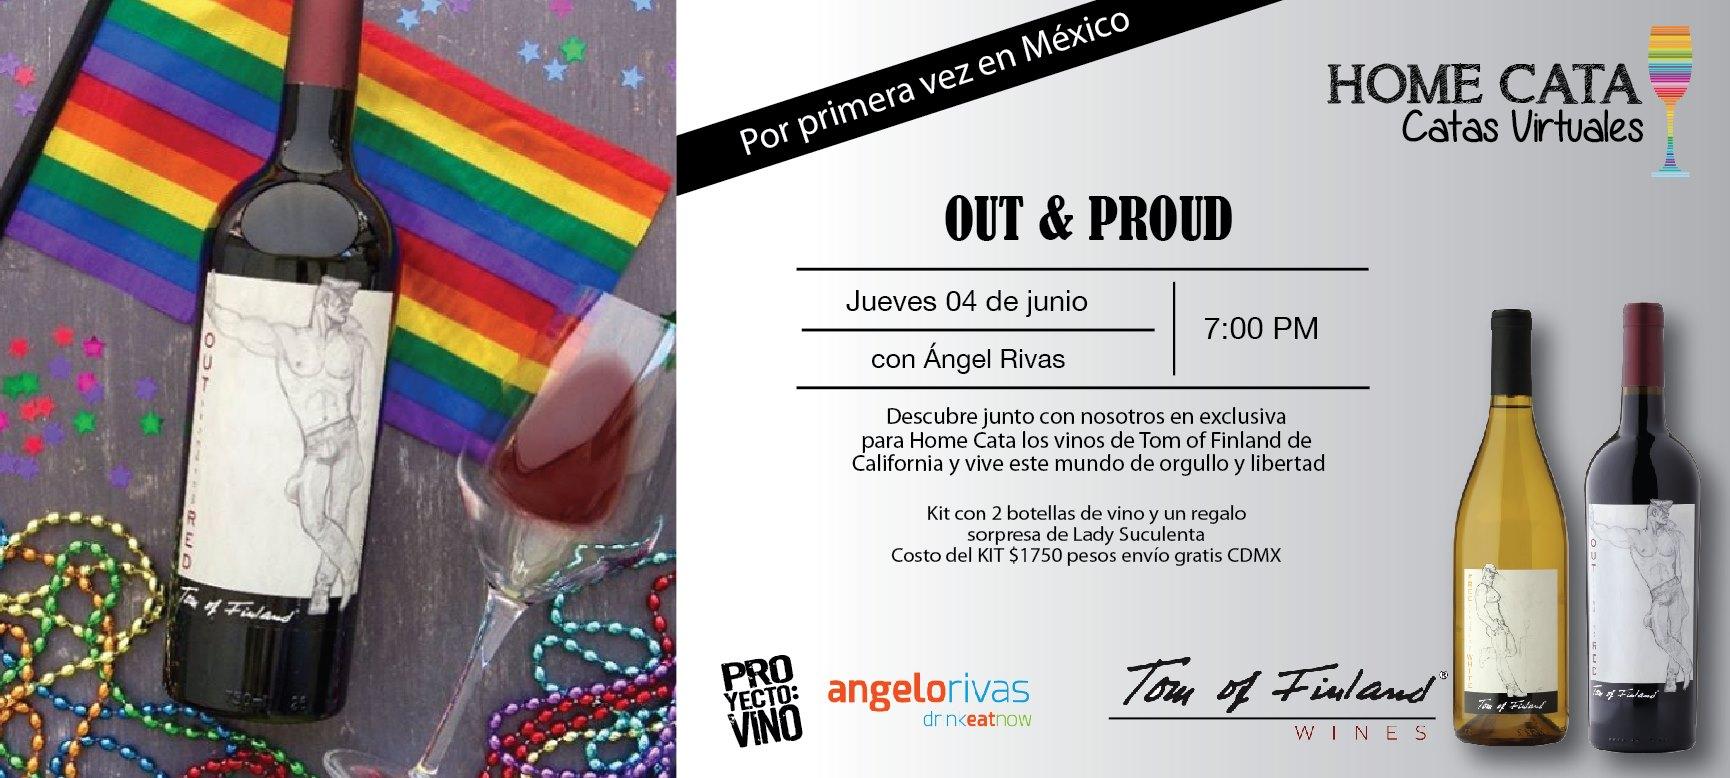 Por primera vez en México, el mes del orgullo se celebra con los vinos Tom of Finland que llegan en exclusiva a la #HomeCata de ProyectoVino